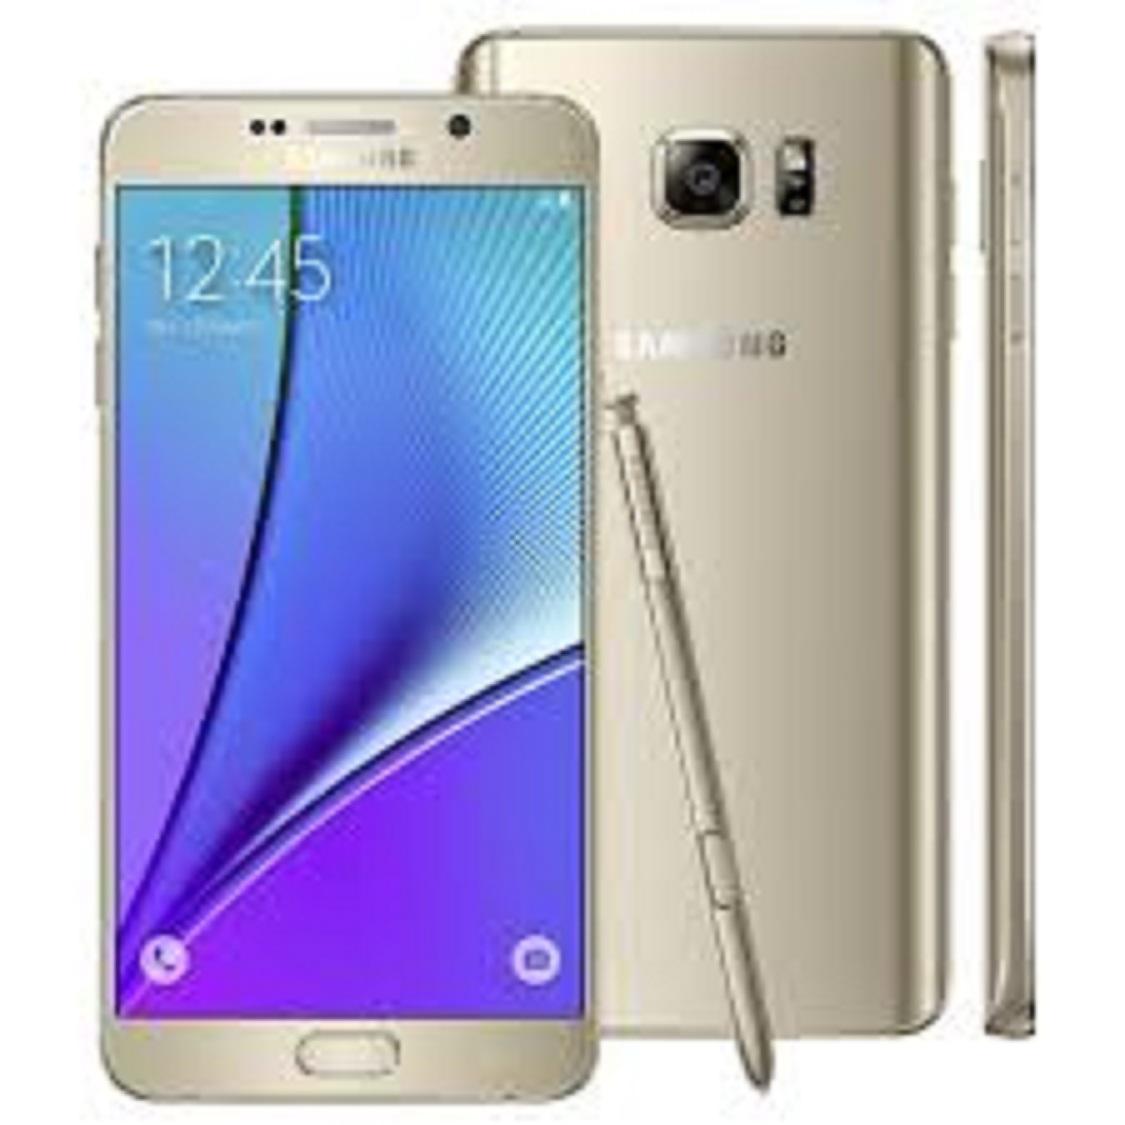 điện Thoại Samsung Galaxy NOTE 5 64G Mới CHÍNH HÃNG, Bảo Hành 12 Tháng Đang Có Ưu Đãi